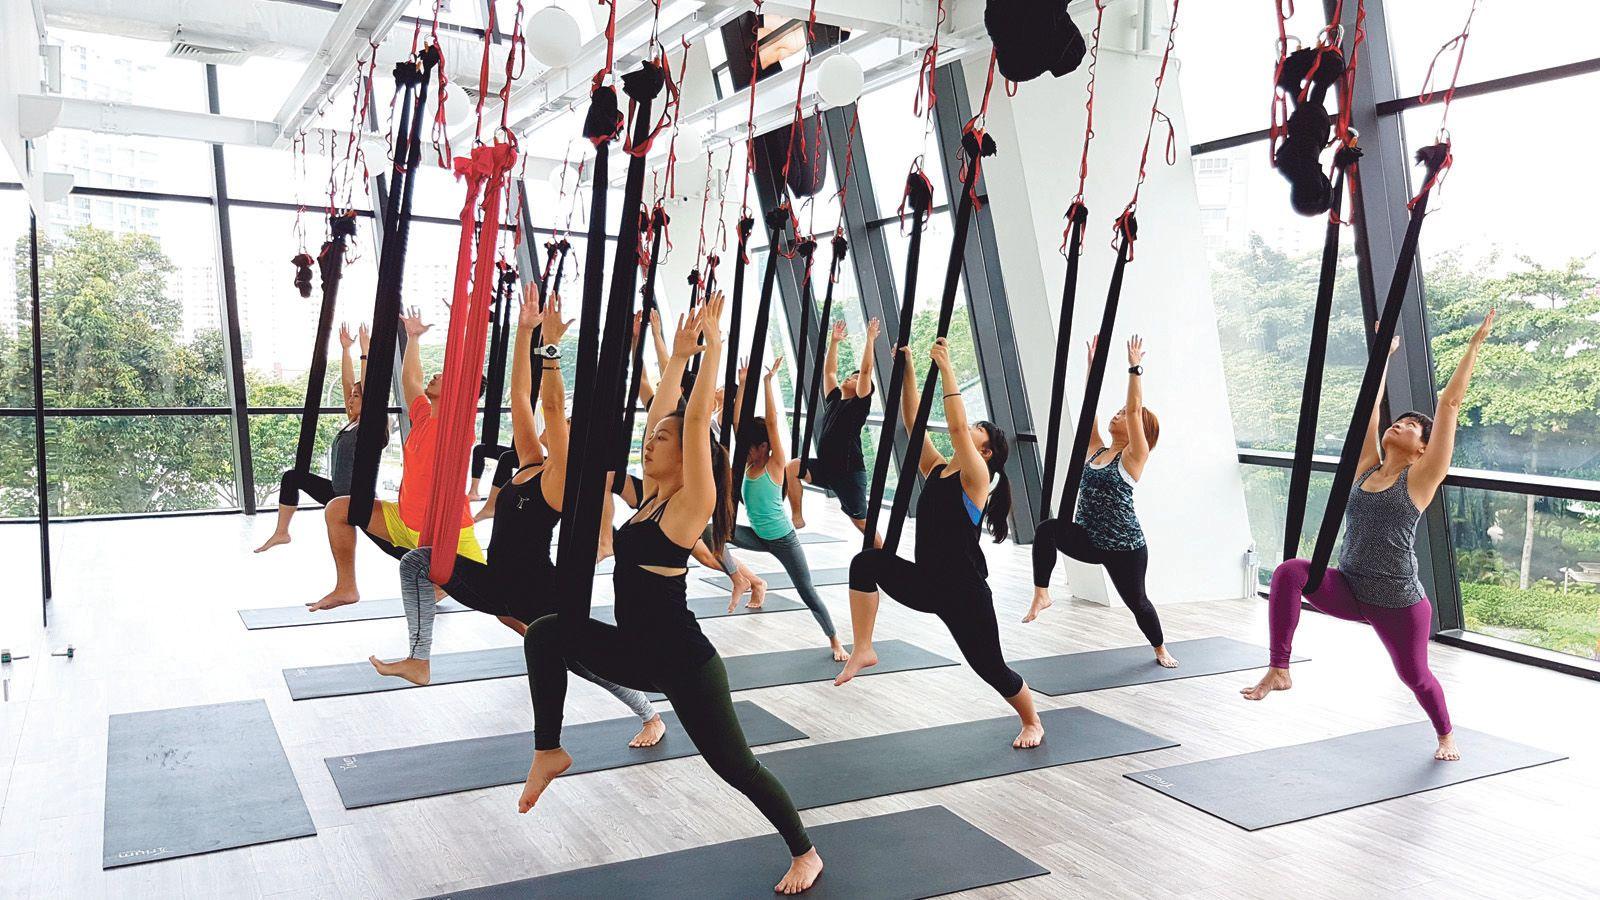 Khi tập yoga bay, bạn nên ăn mặc thật gọn gàng